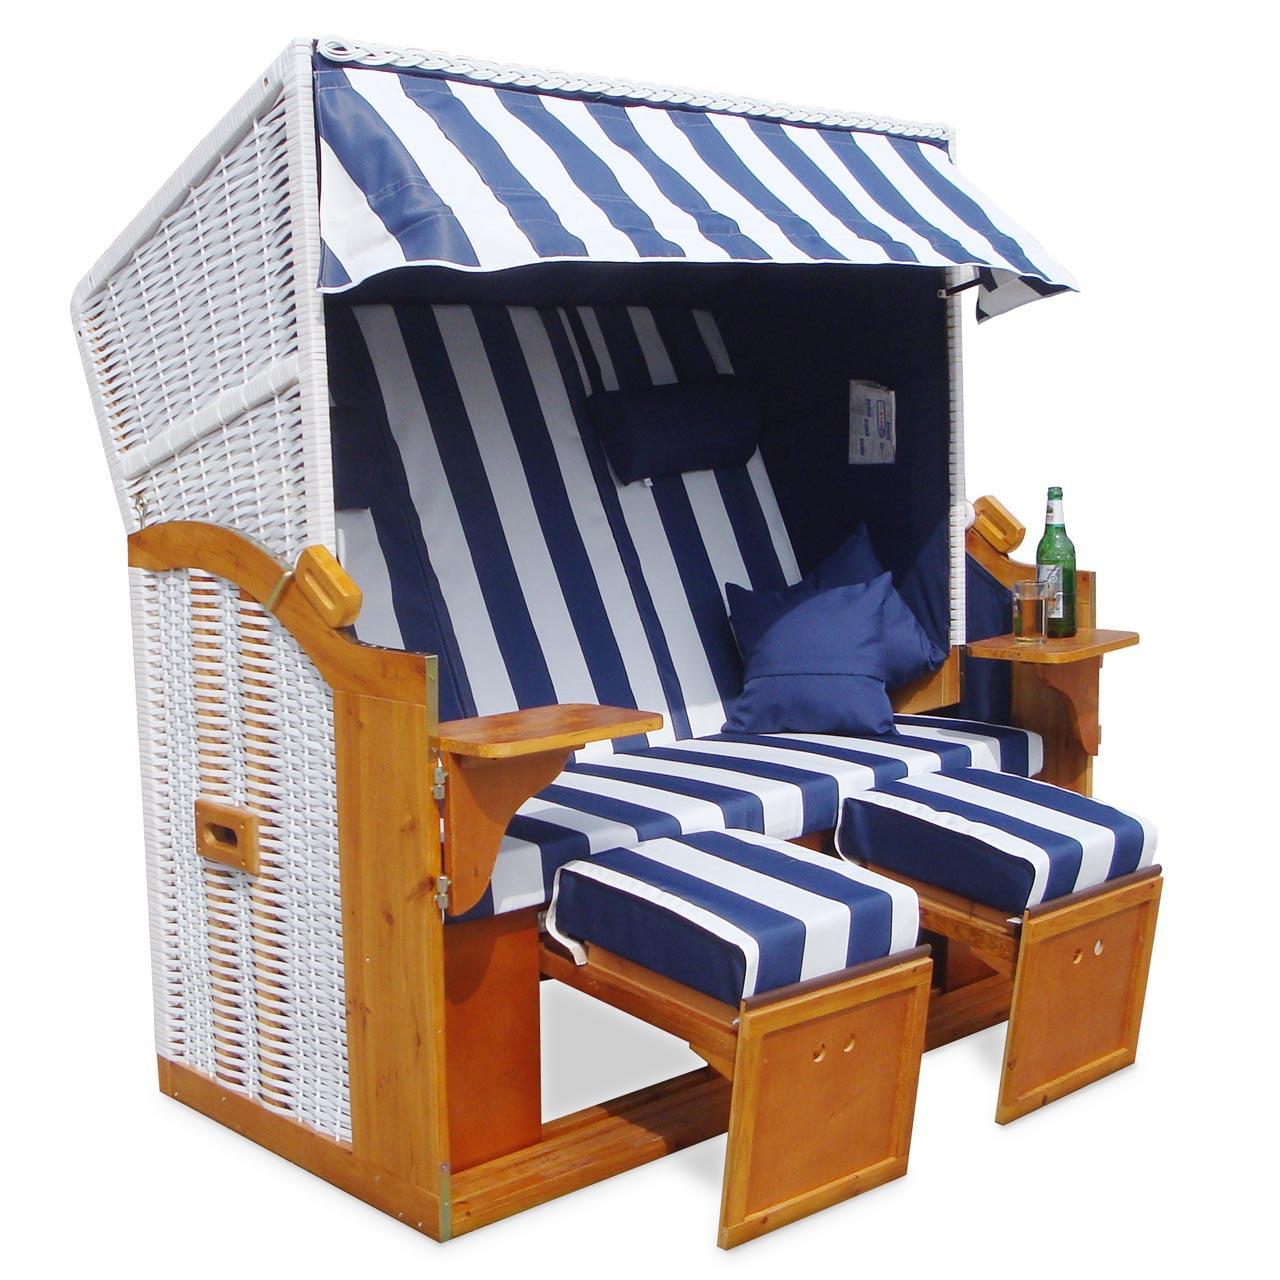 strandkorb 160cm premium nordsee volllieger gartenm bel gartenliege sonnenliege ebay. Black Bedroom Furniture Sets. Home Design Ideas